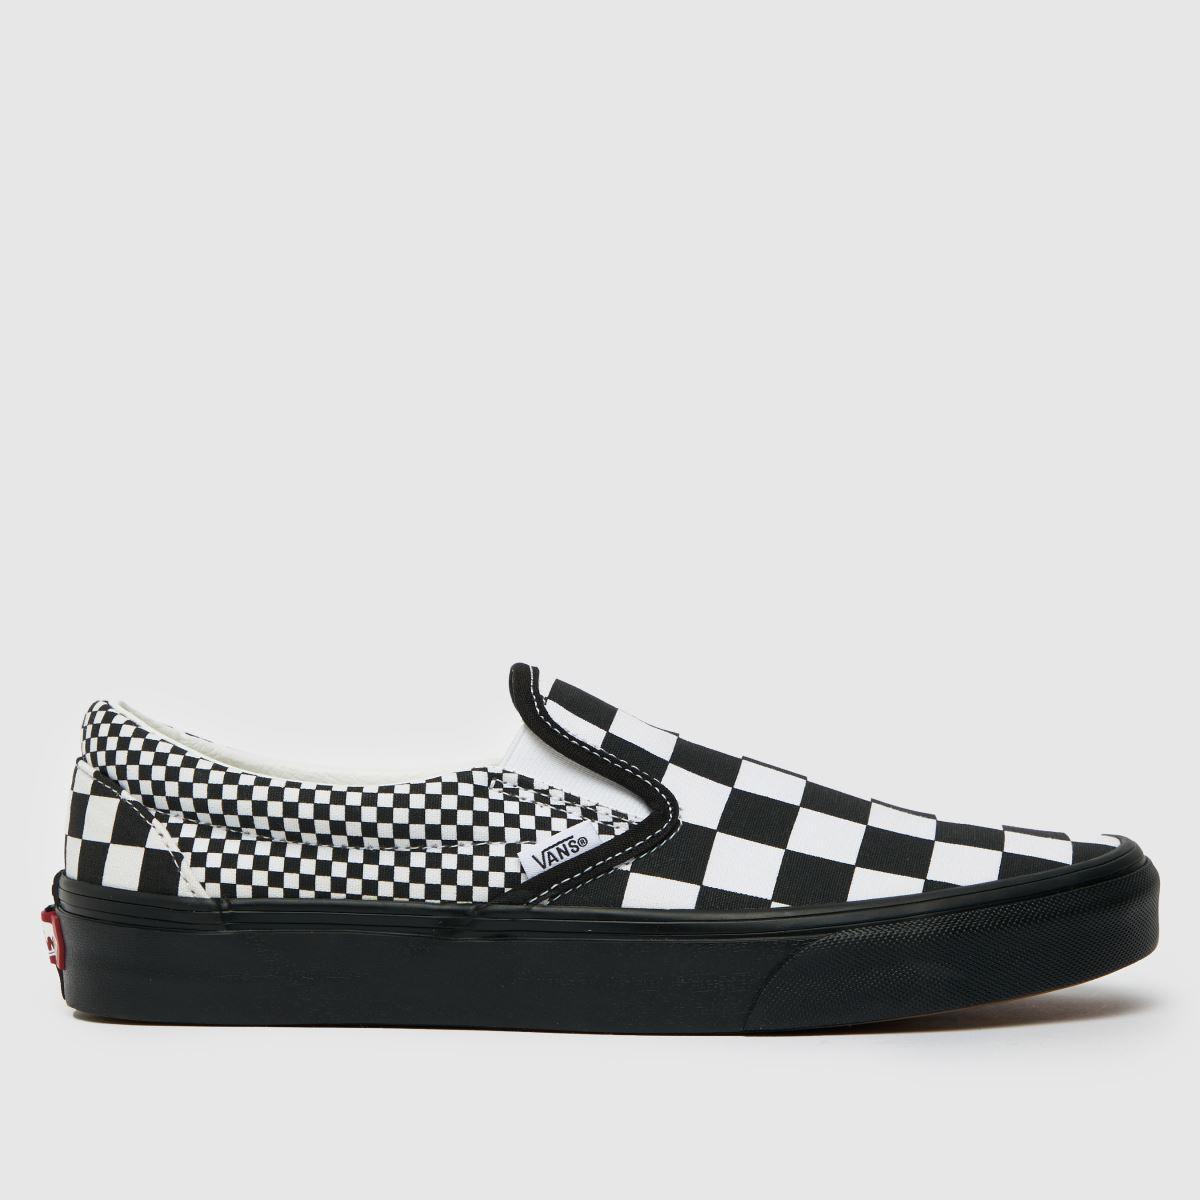 Vans Black & White Mix Checker Slip On Trainers